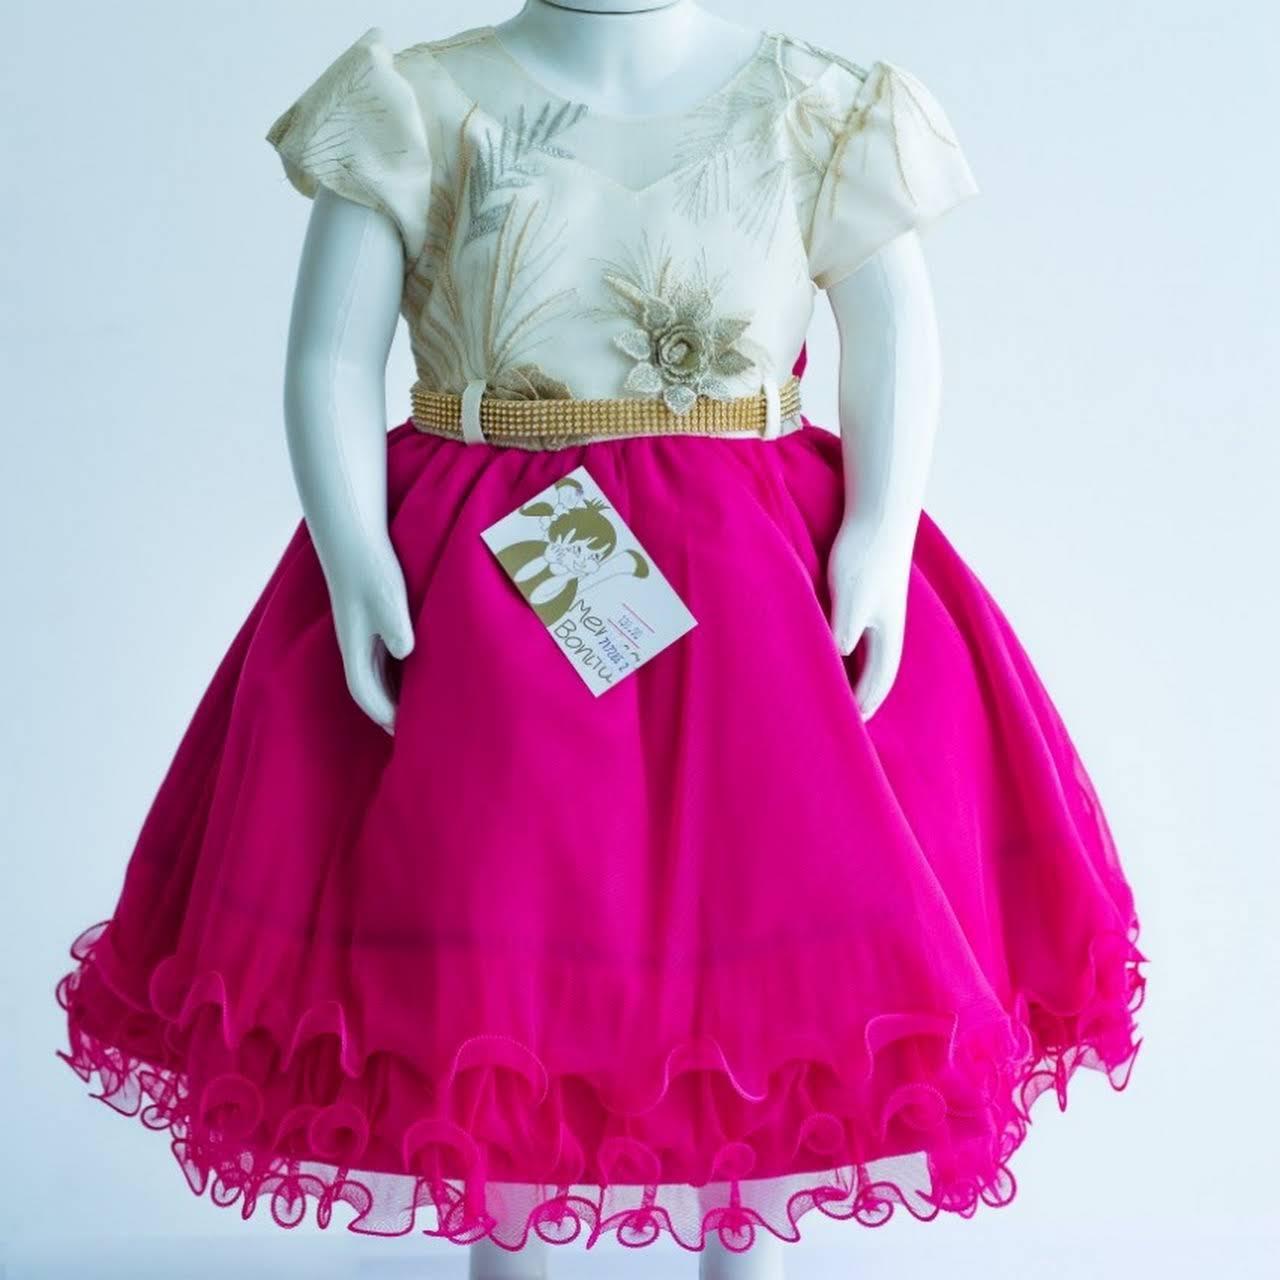 e50998181 Ana Sapeca Kids e Cia - Loja de moda infantil em Sorocaba ...